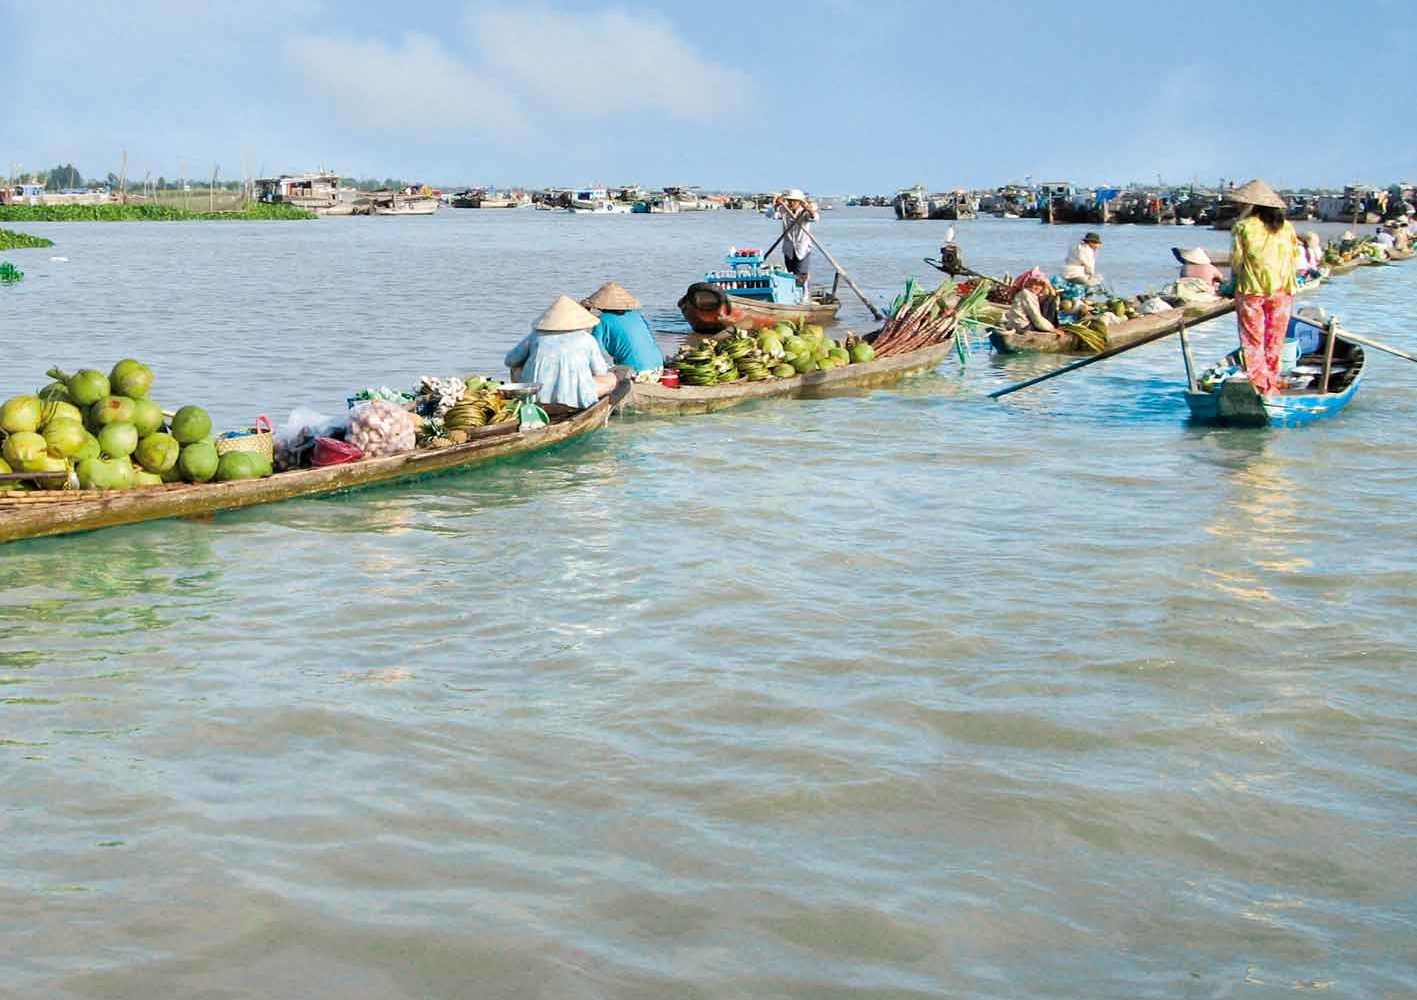 Flussmarkt auf dem Mekong, Vietnam